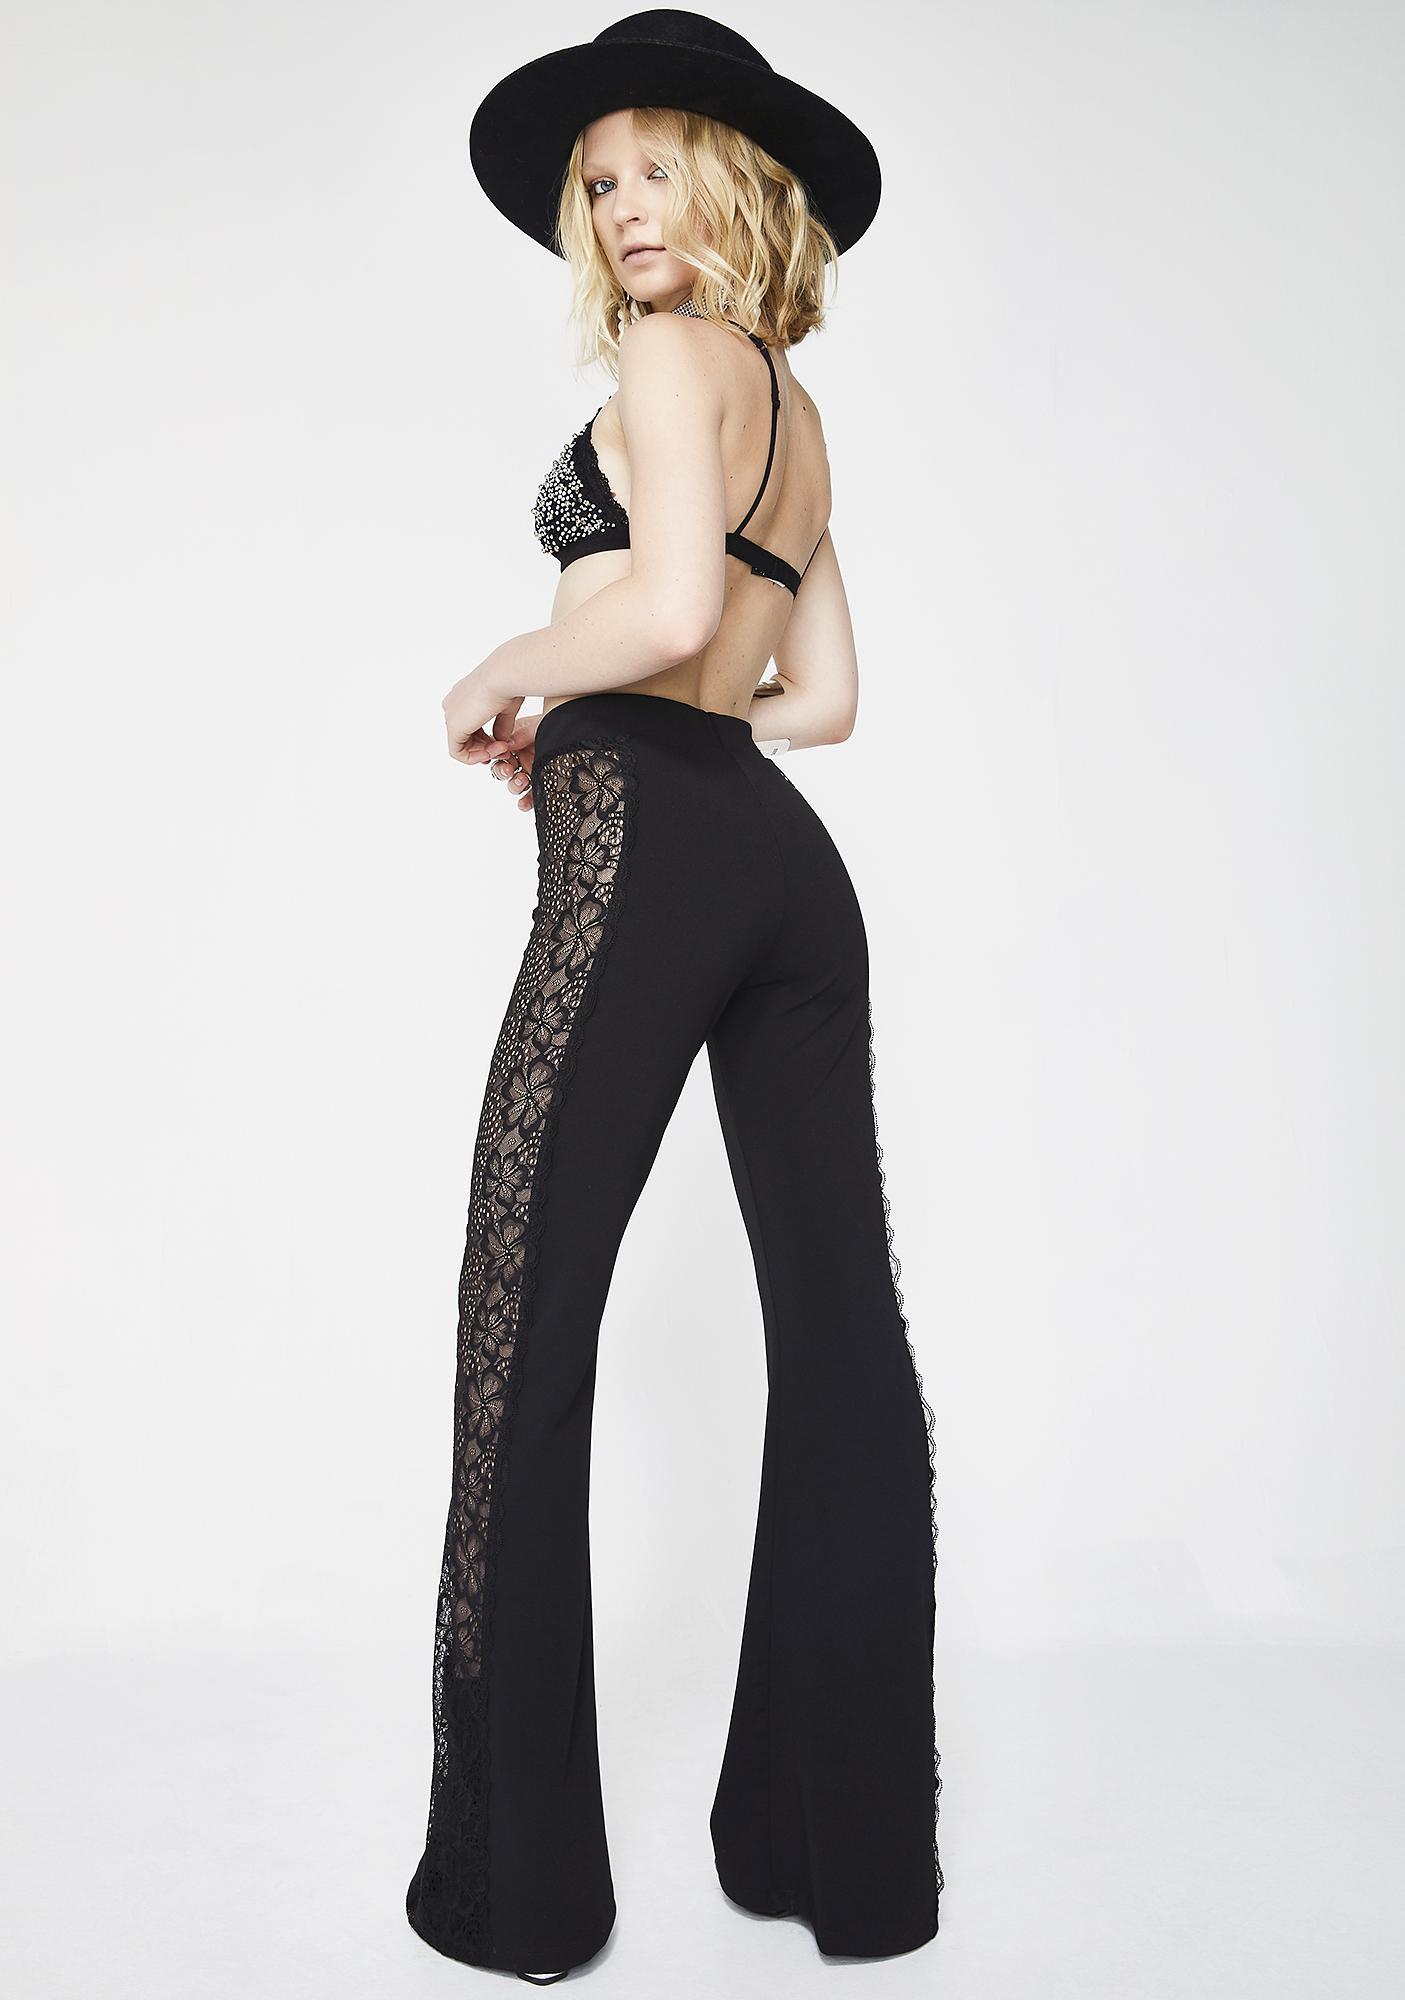 Kiki Riki Romanticize Me Lace Pants